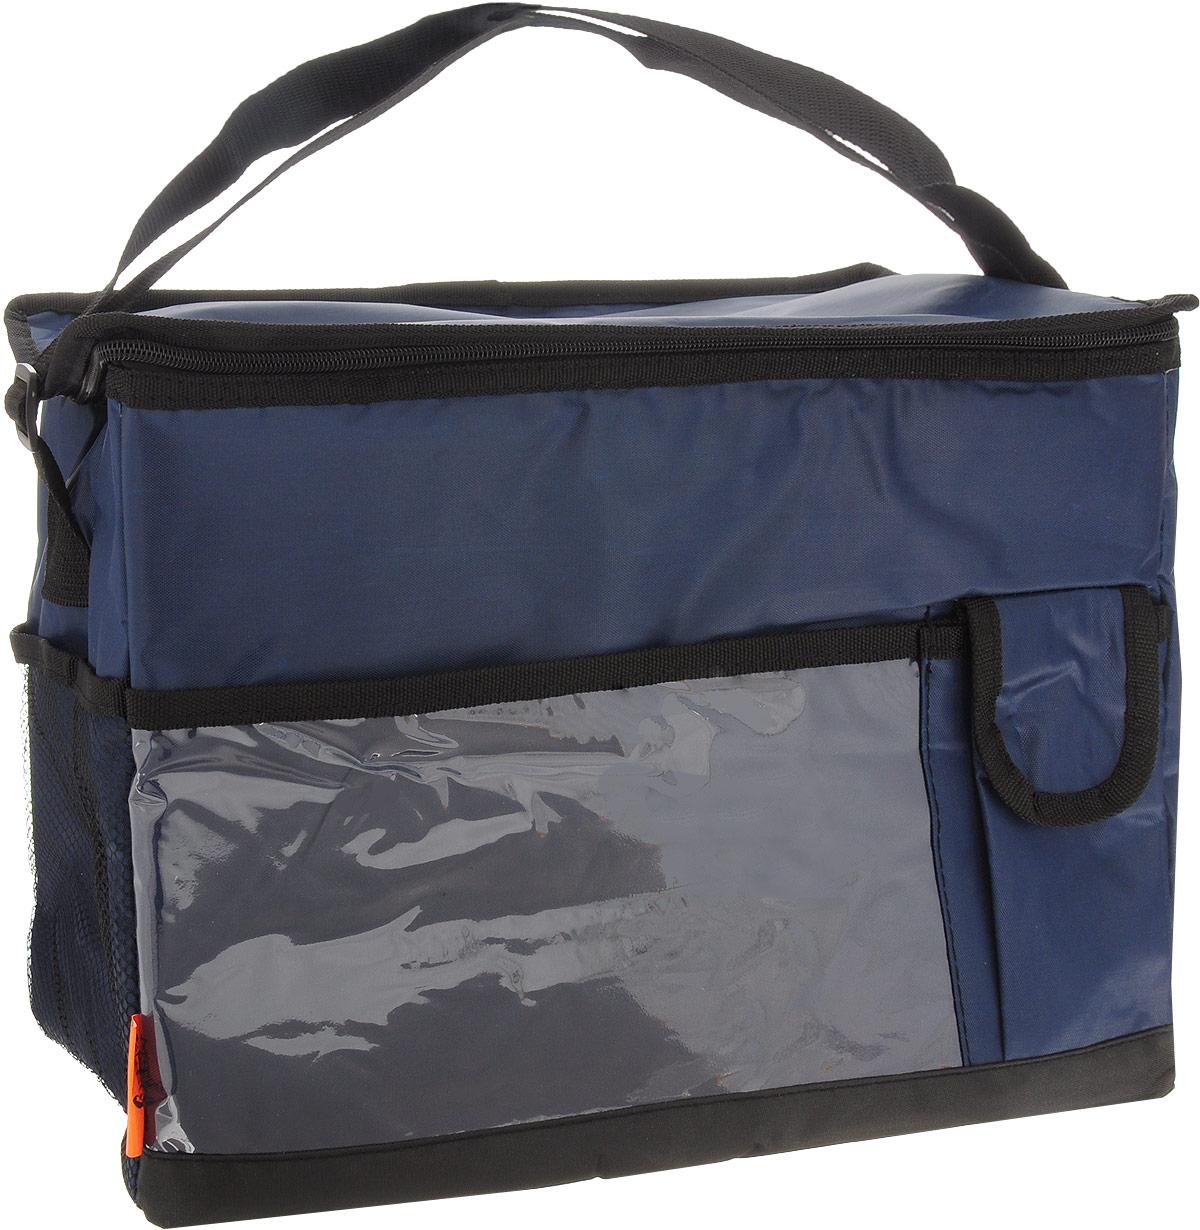 """Термосумка """"Totem"""" изготовлена из прочного полиэстера, внутренний изоляционный материал (EPE и PEVA) позволяет сохранять содержимое сумки свежим. Сумка закрывается на молнию, снабжена регулируемым по длине ремнем для переноски. Спереди имеется прозрачный карман и небольшой кармашек, закрывающийся на липучку. Сбоку расположен сетчатый карман.Применяемые в изготовлении термосумки материалы и технологии позволяют сохранять продукты глубокой заморозки, а также холодными напитки. Для наиболее продолжительного эффекта рекомендуется использовать хладоэлементы. Термосумка также прекрасно подходит и для перевозки горячих блюд.Время сохранения температуры без хладоэлементов: 6 ч.Время сохранения температуры с хладоэлементами: 12 ч."""